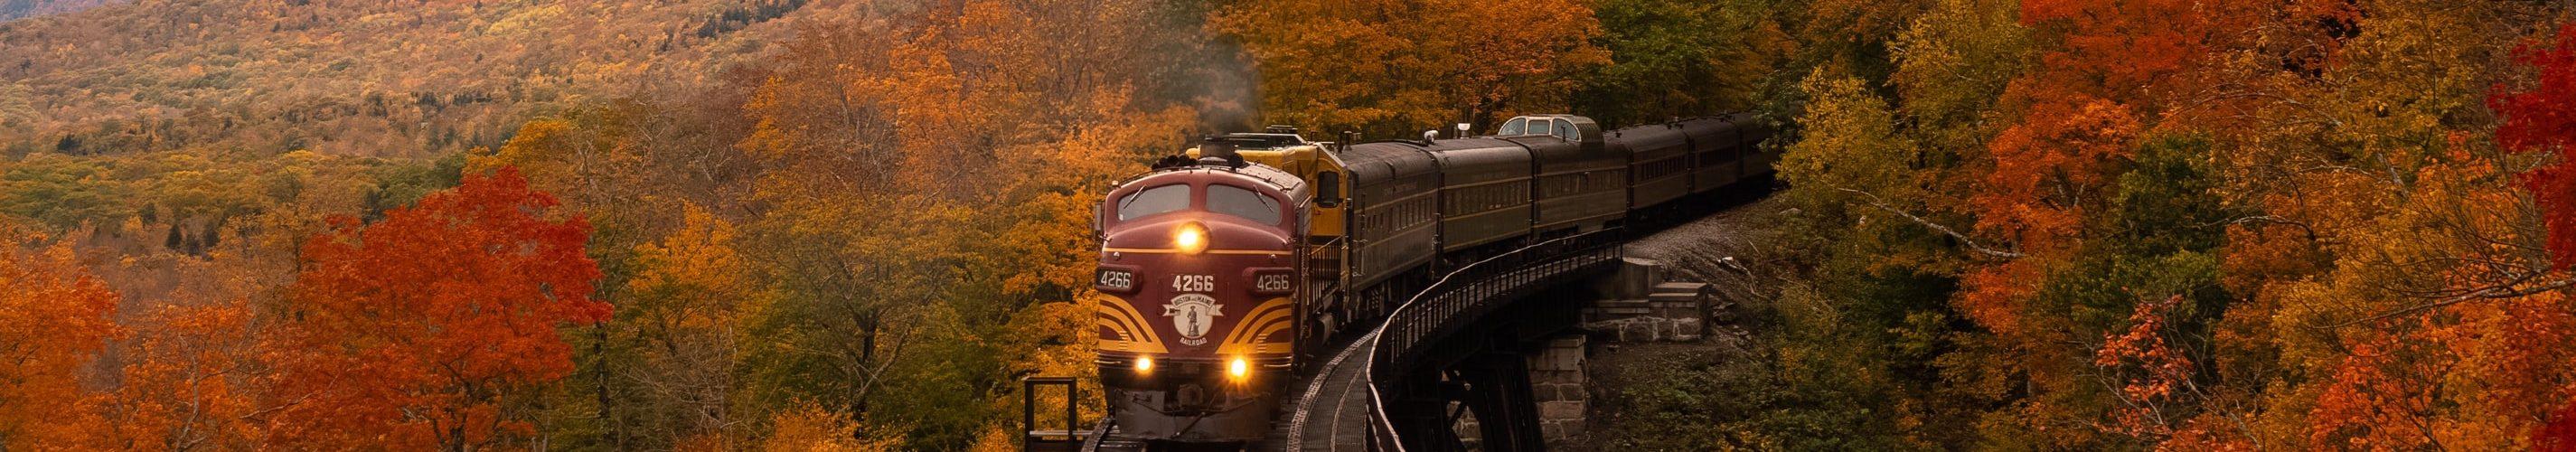 trein-bergen